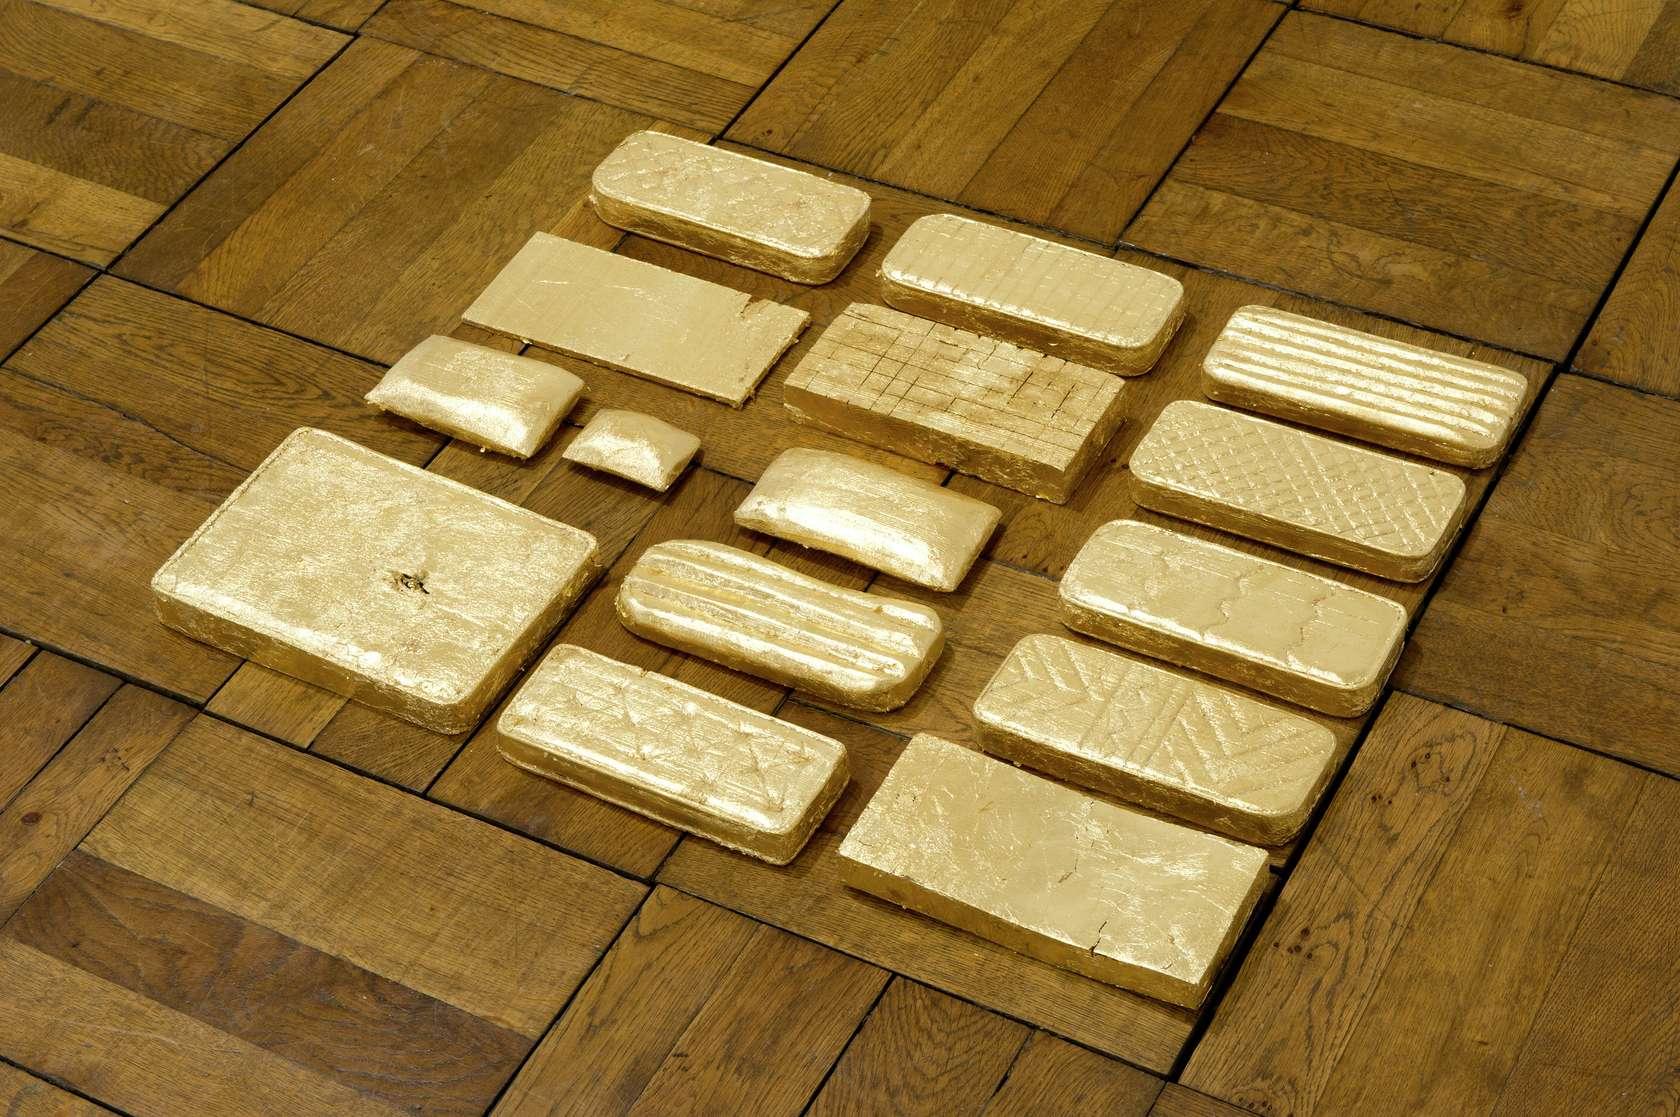 Laurent Le Deunff, Matelas dorés, 2012 Feuille d'or sur bois65 × 3 × 50 cm / 25 5/8 × 1 1/8 × 19 5/8 in.